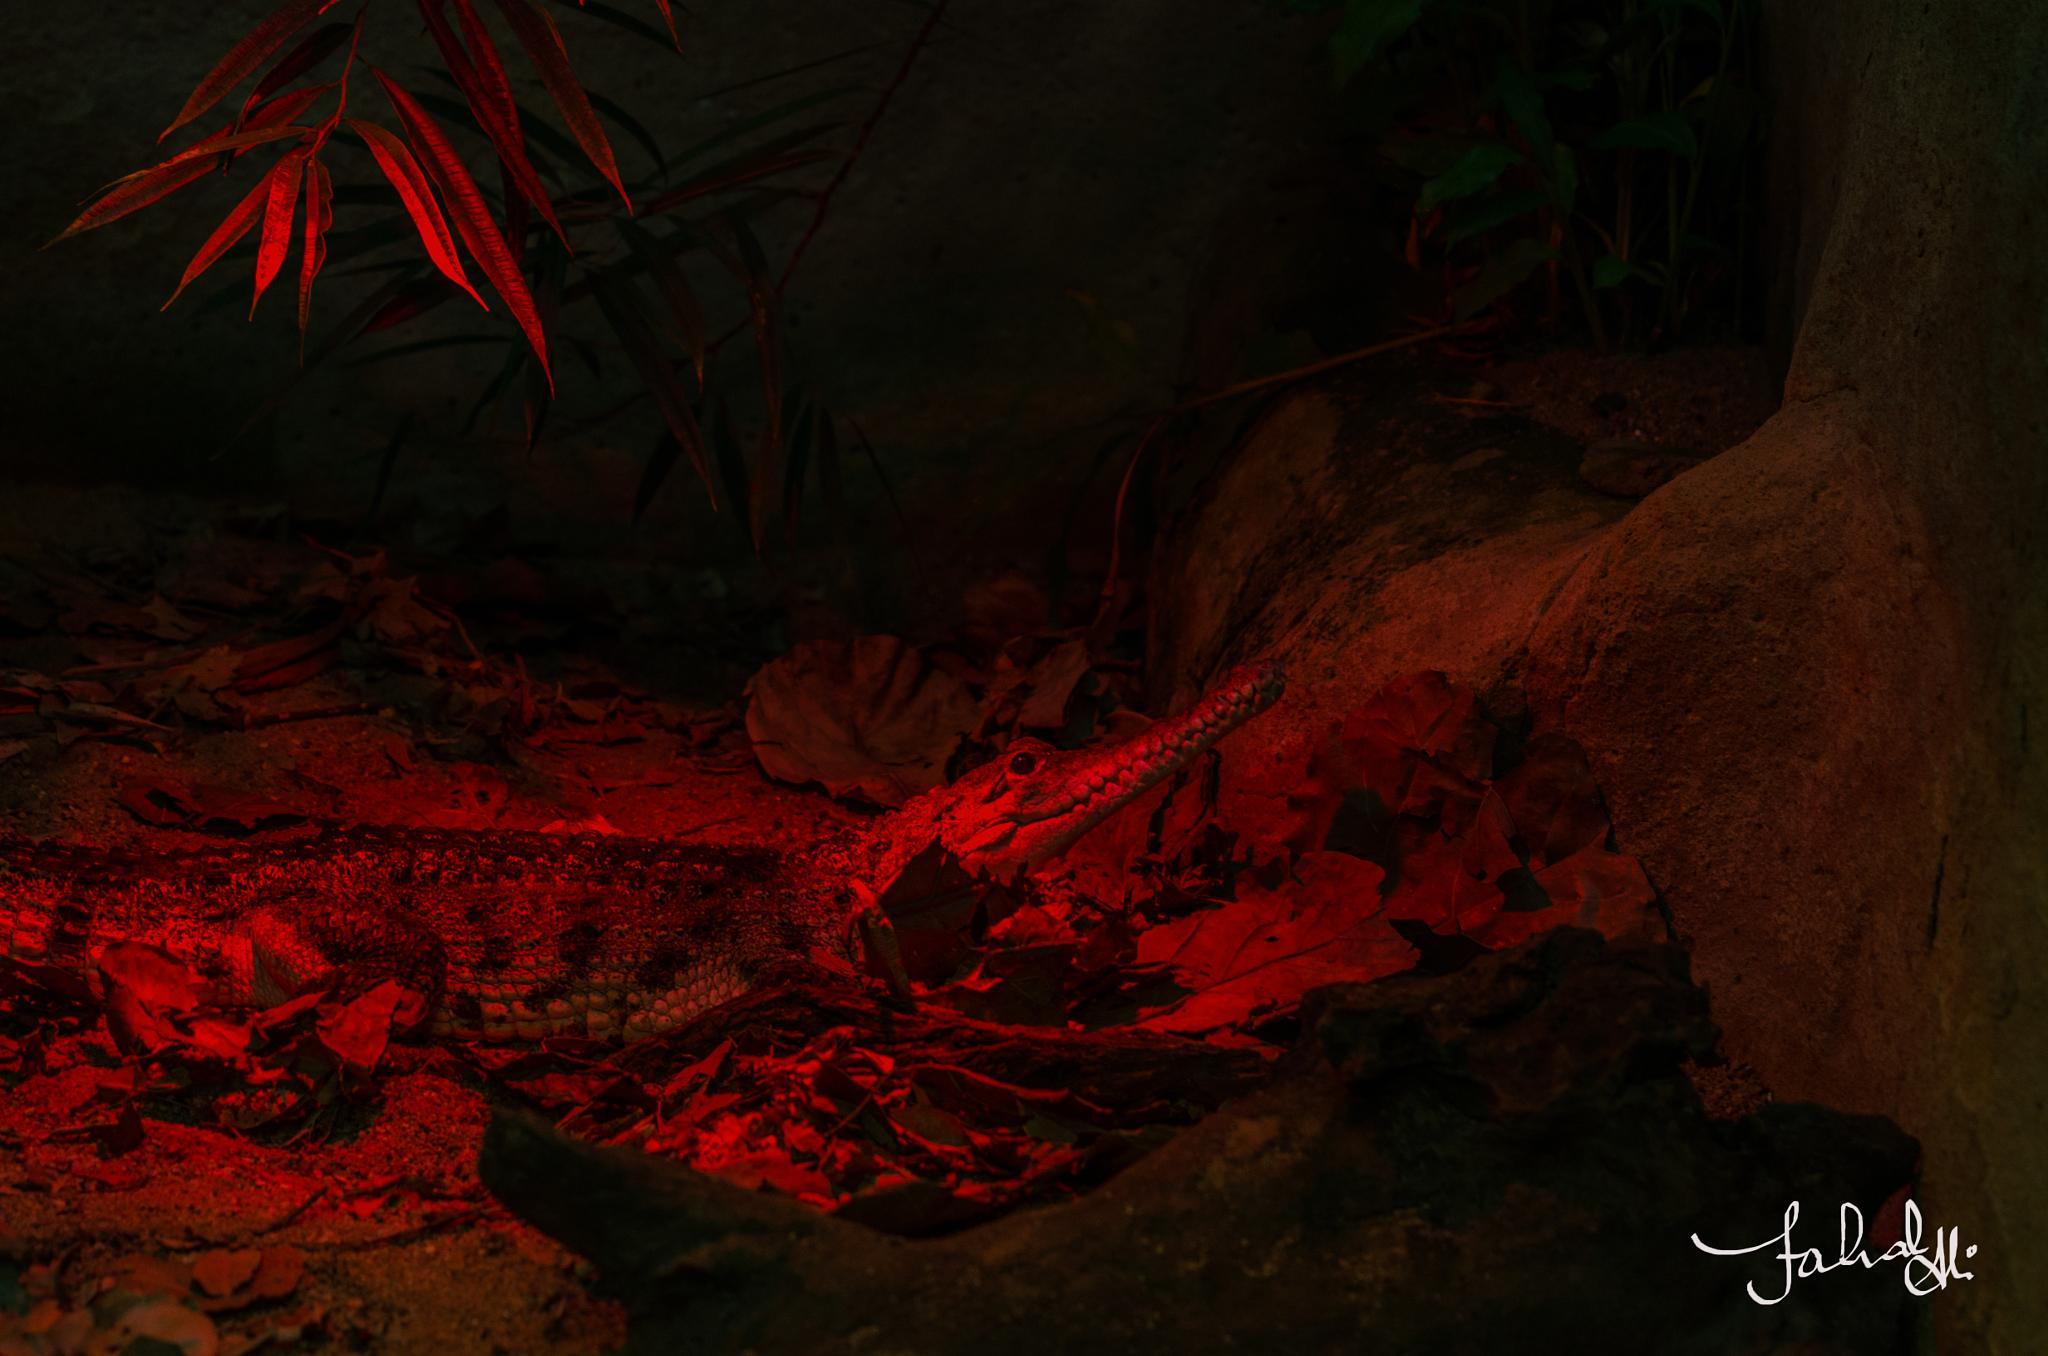 crocodile by Fahad Bhatti